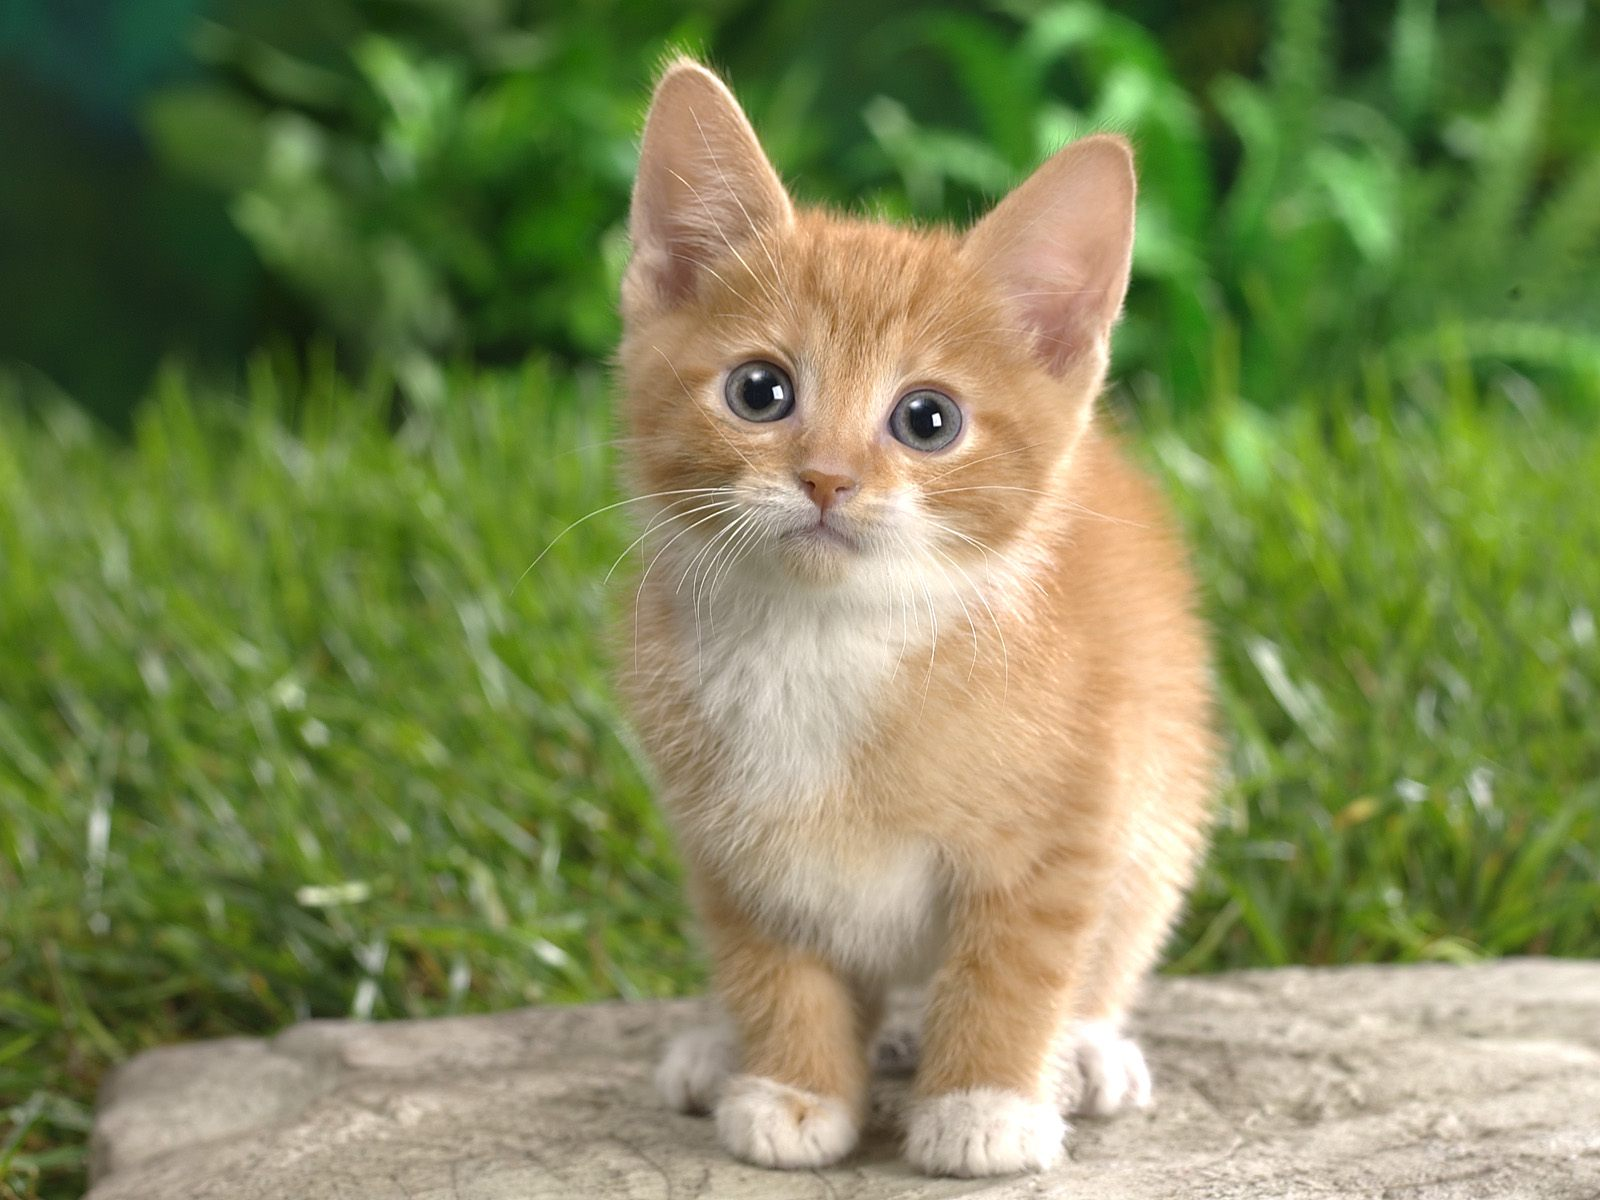 Ivanildosantos Gambar Kucing Lucu Bergerak